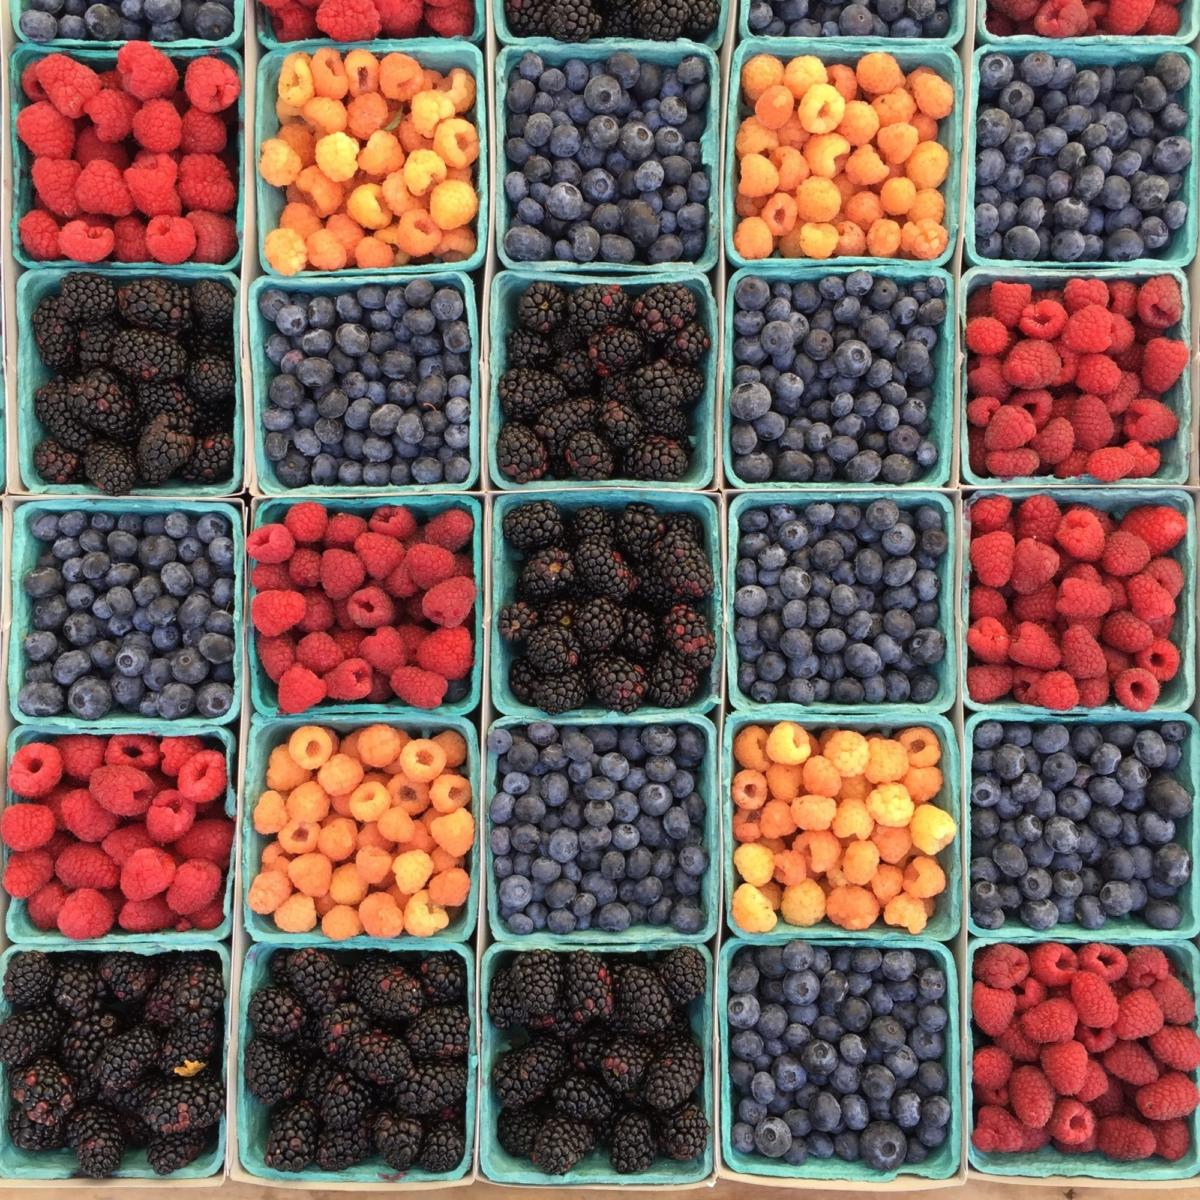 Kolorowe owoce wkwadratowych pojemnikach